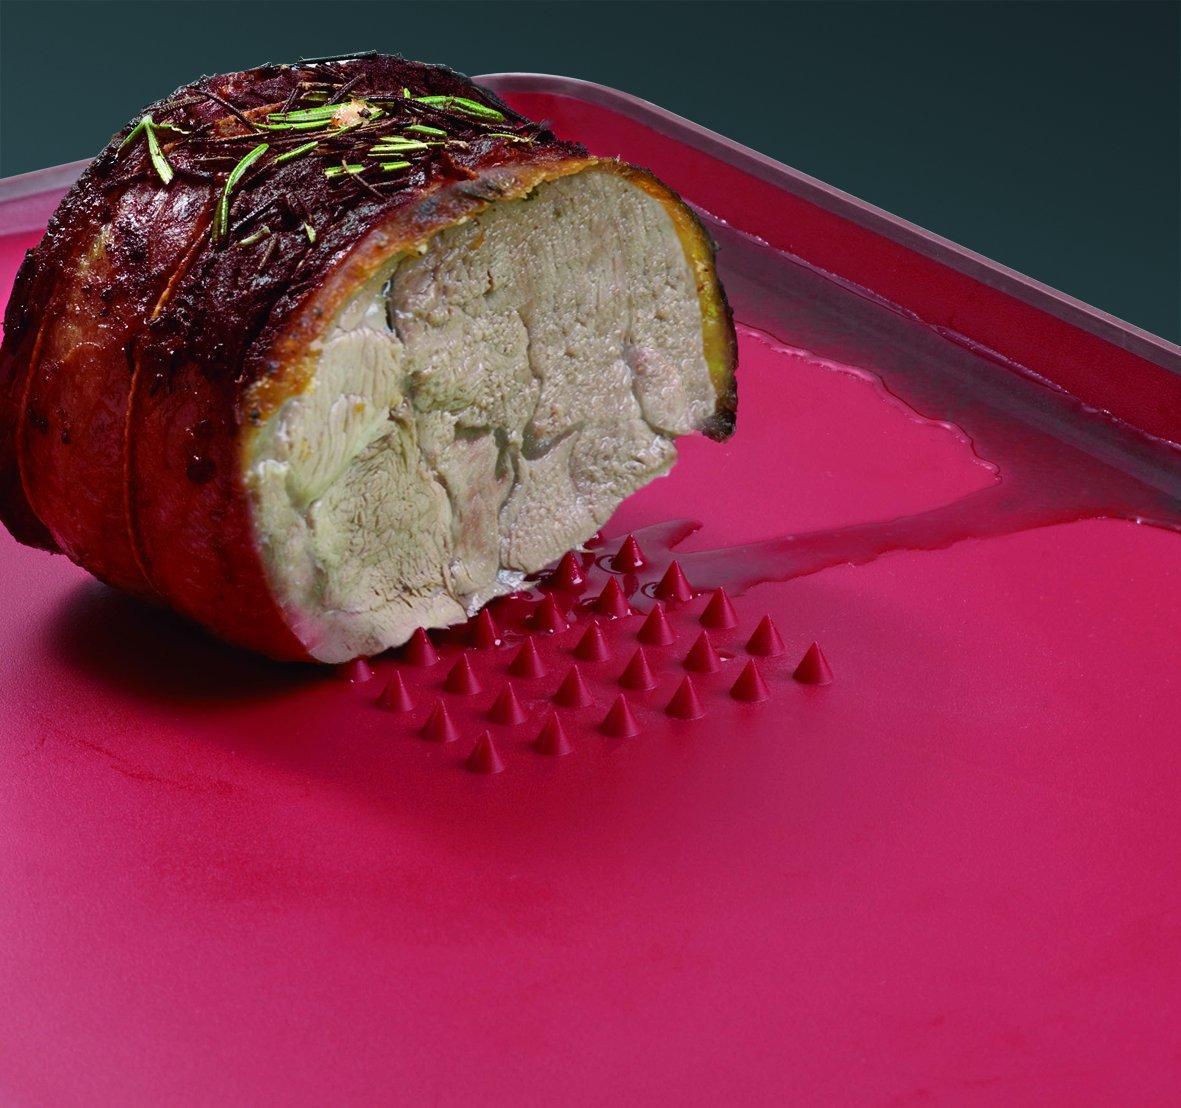 Доска разделочная для мяса Joseph Joseph cut&carve plus, двухсторонняя, 29x22,5x2 см, красный Joseph Joseph 60014 фото 2